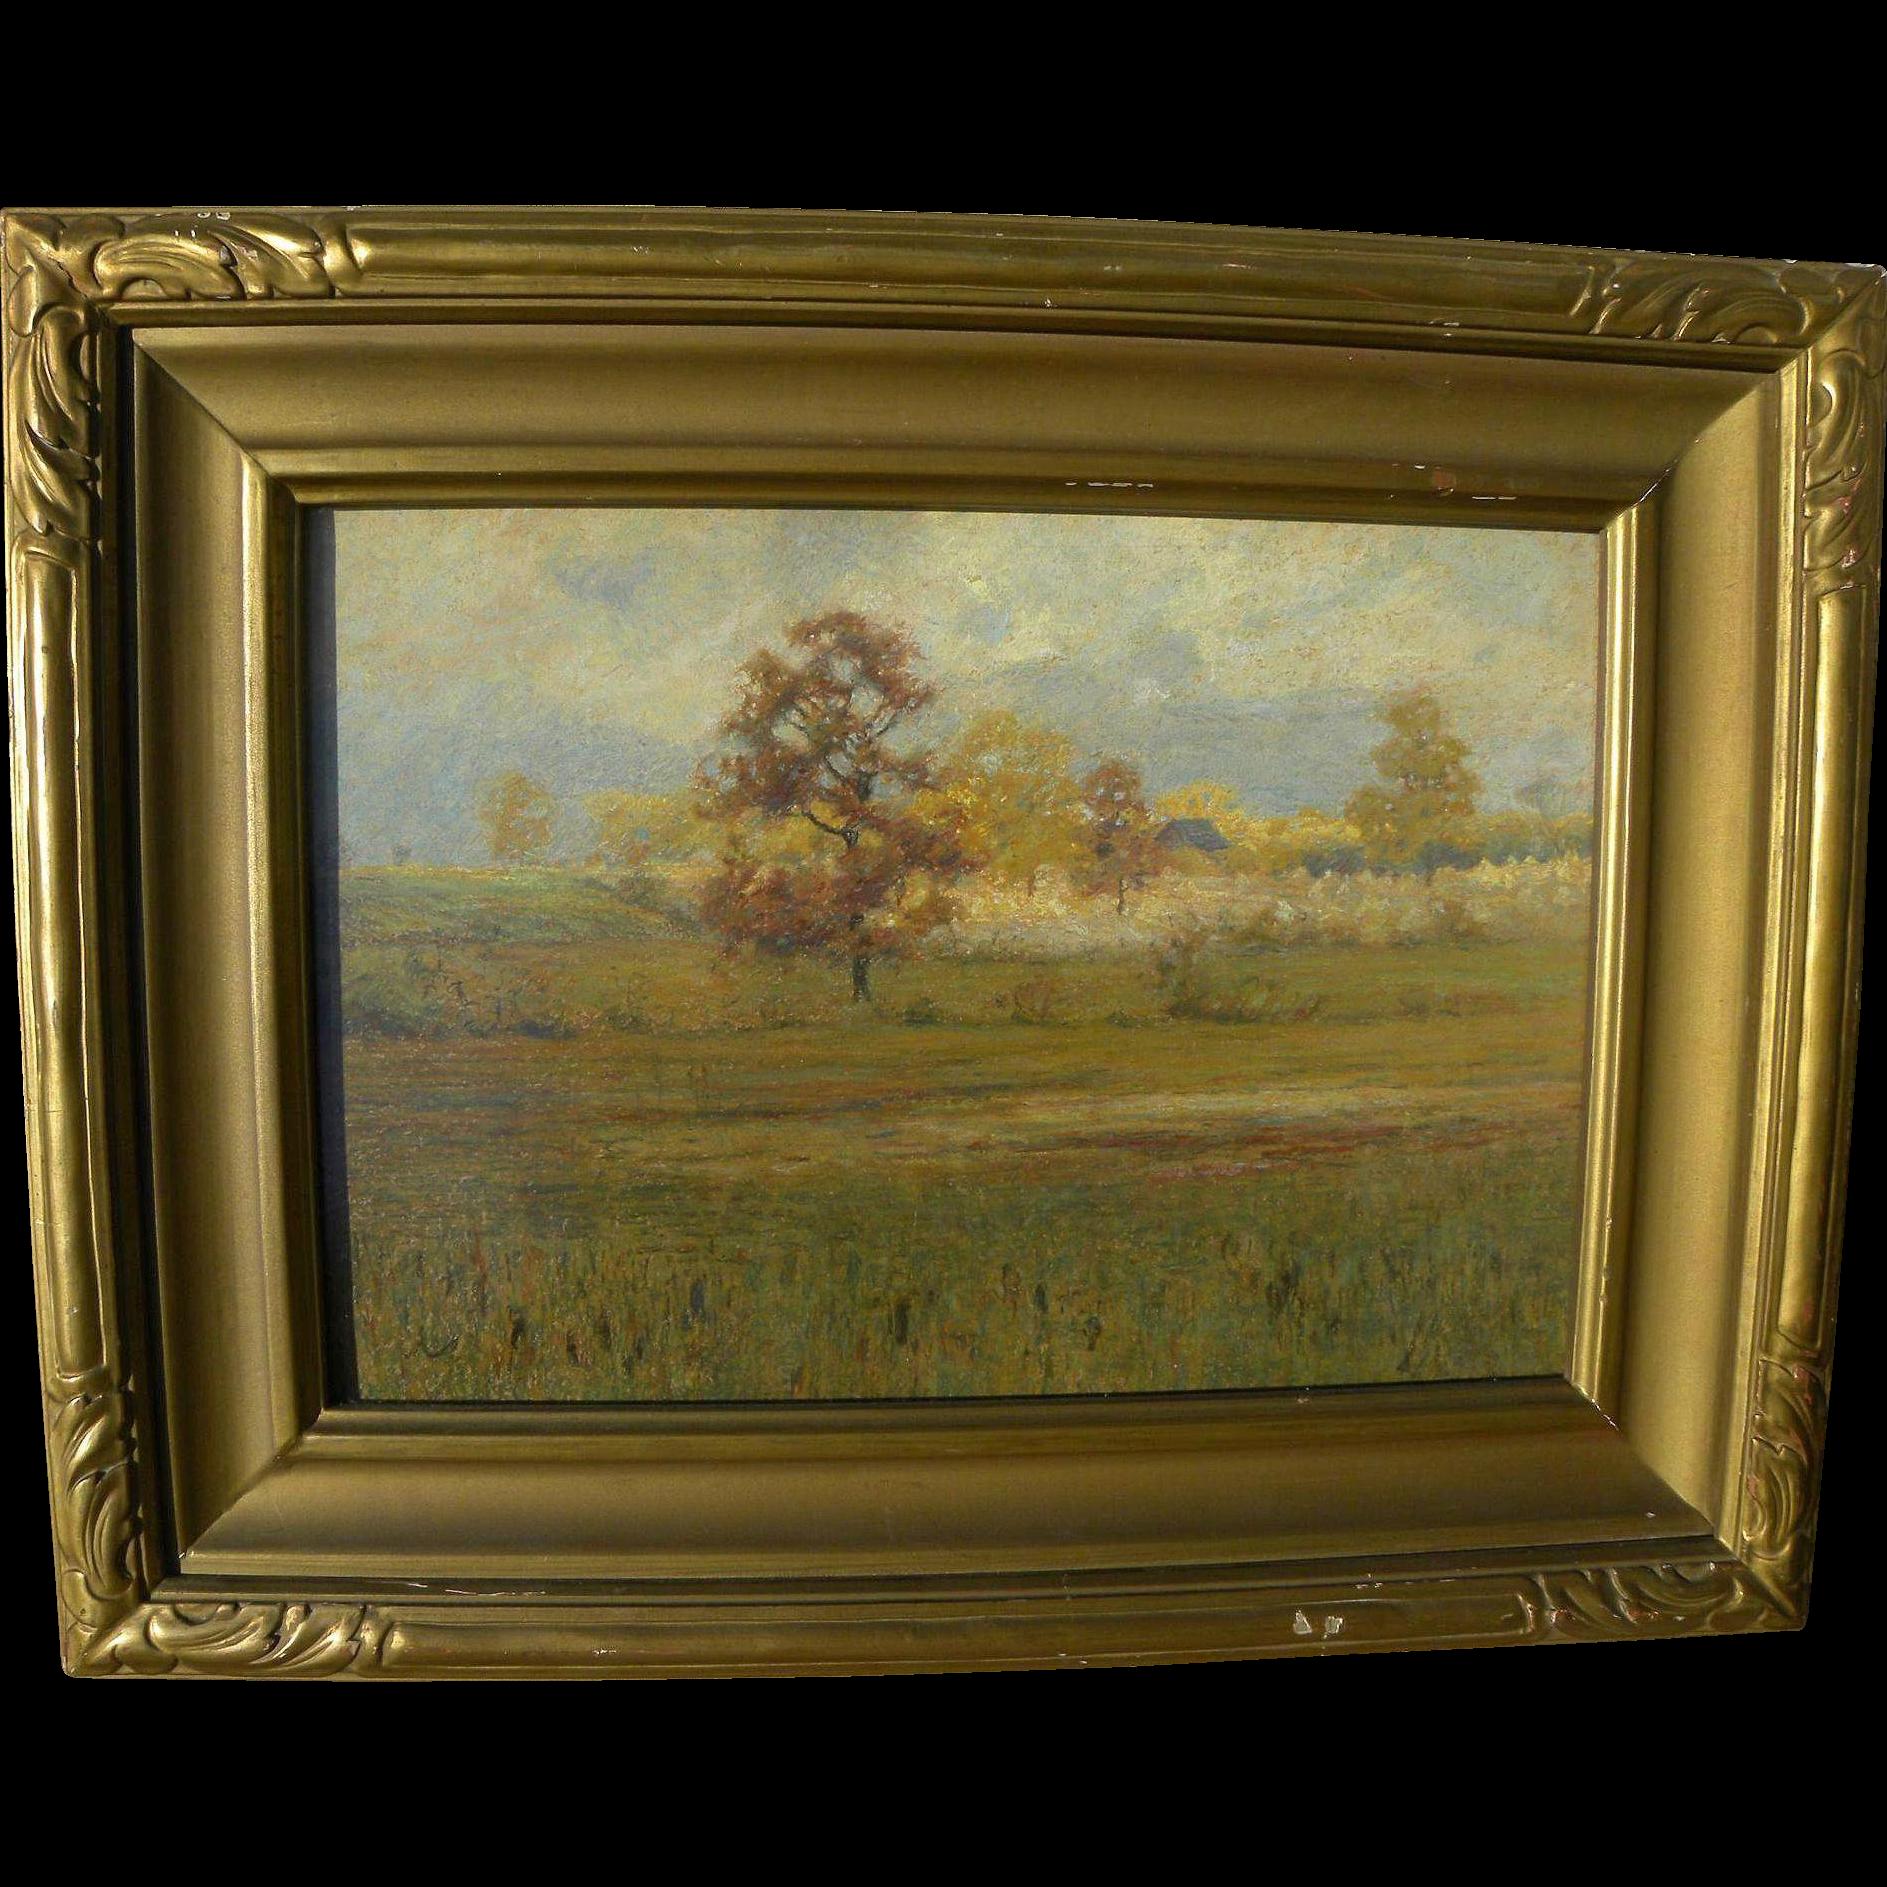 American art old pastel landscape drawing in vintage frame